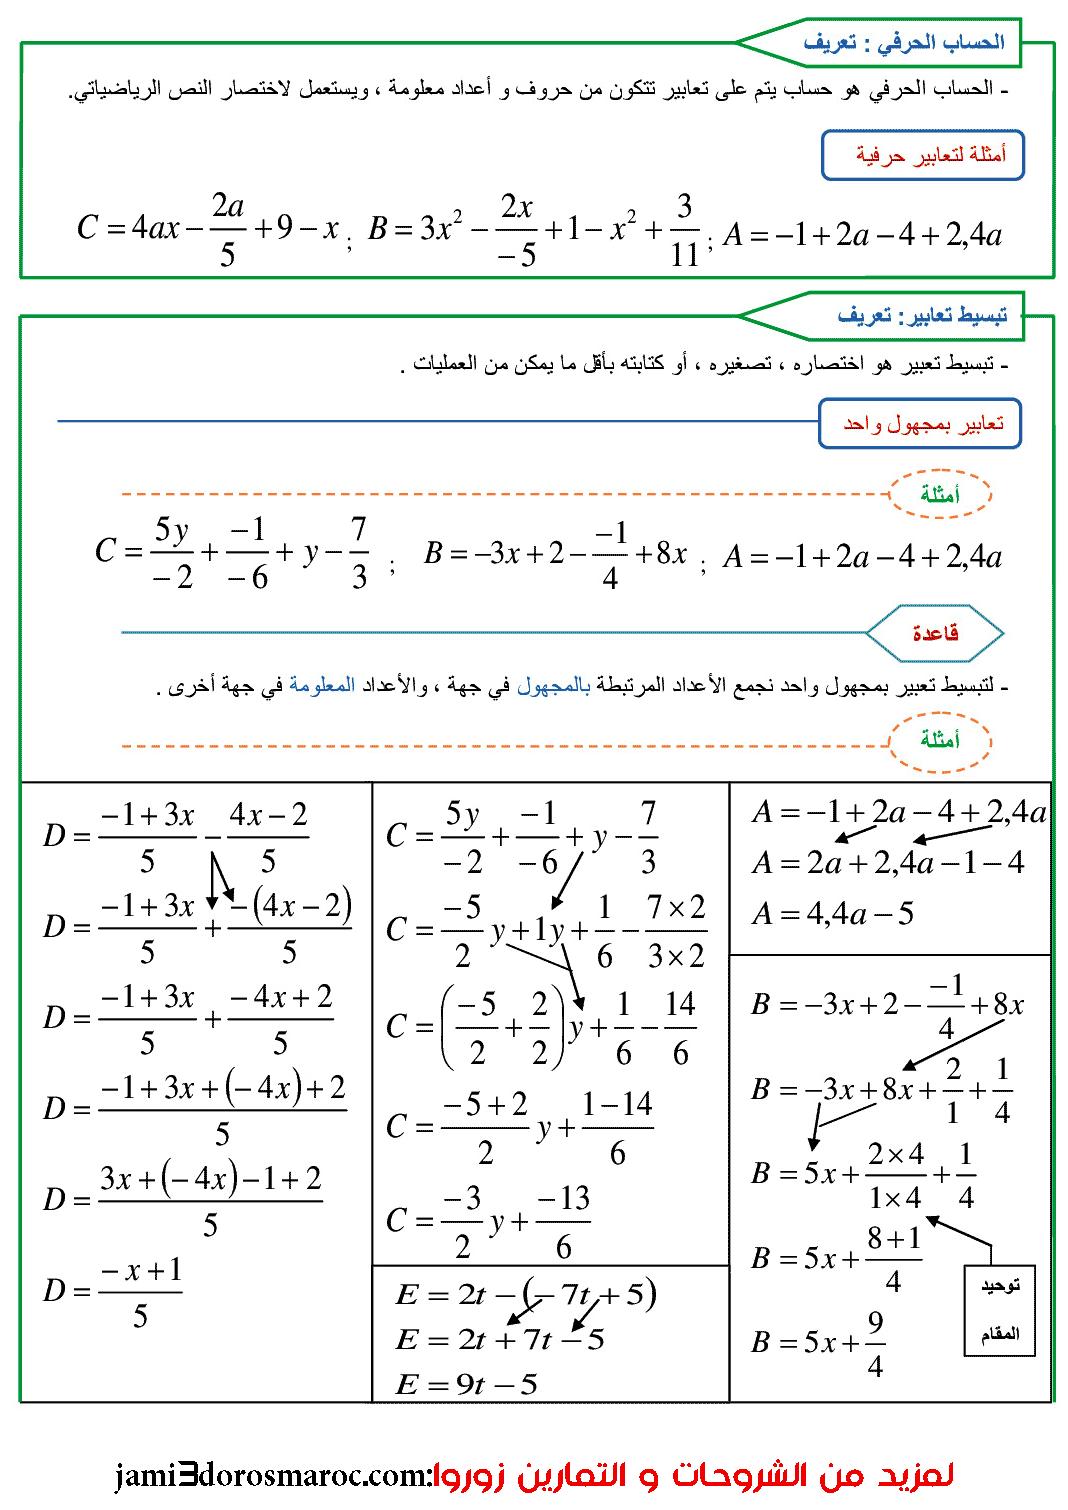 درس الحساب الحرفي للسنة الثانية اعدادي